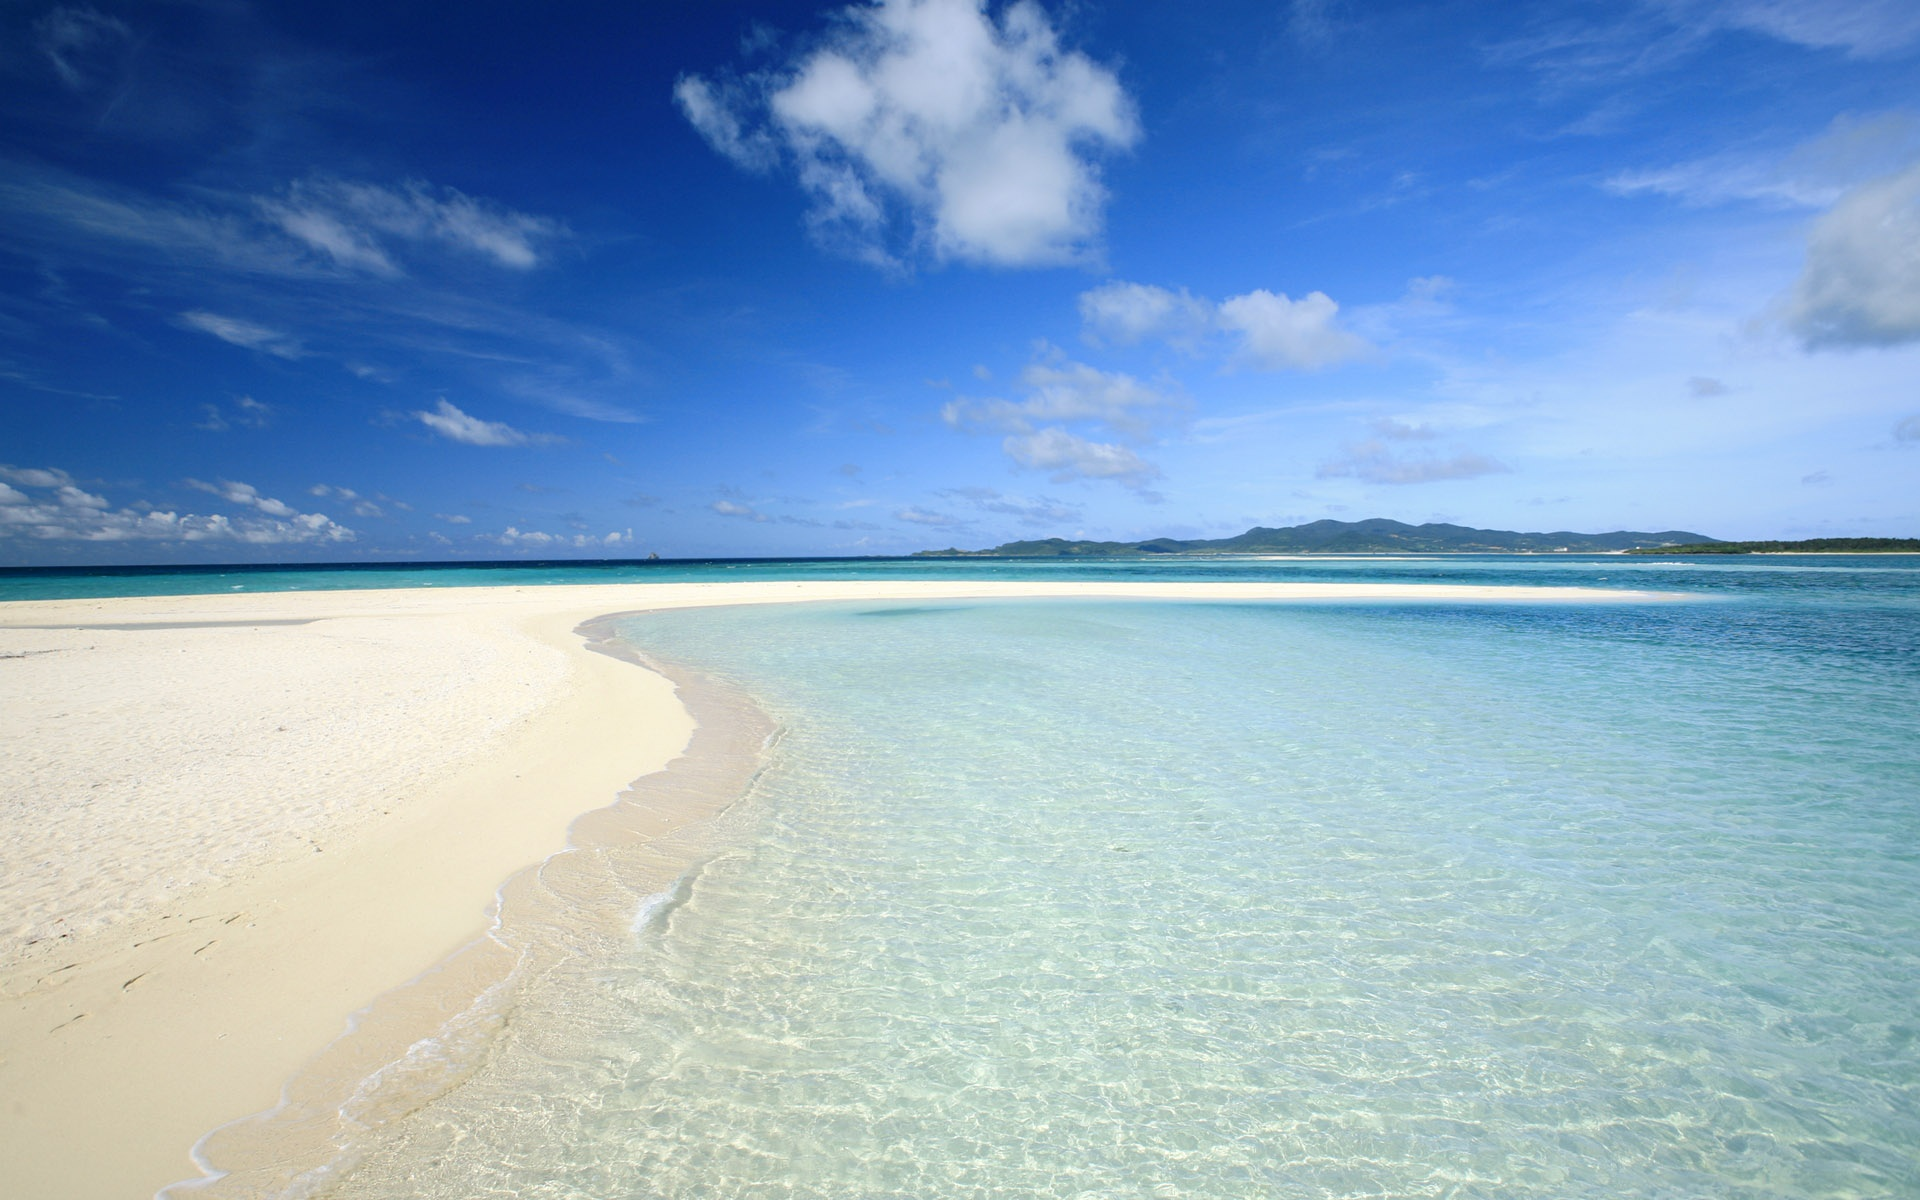 прибрежный песок бесплатно